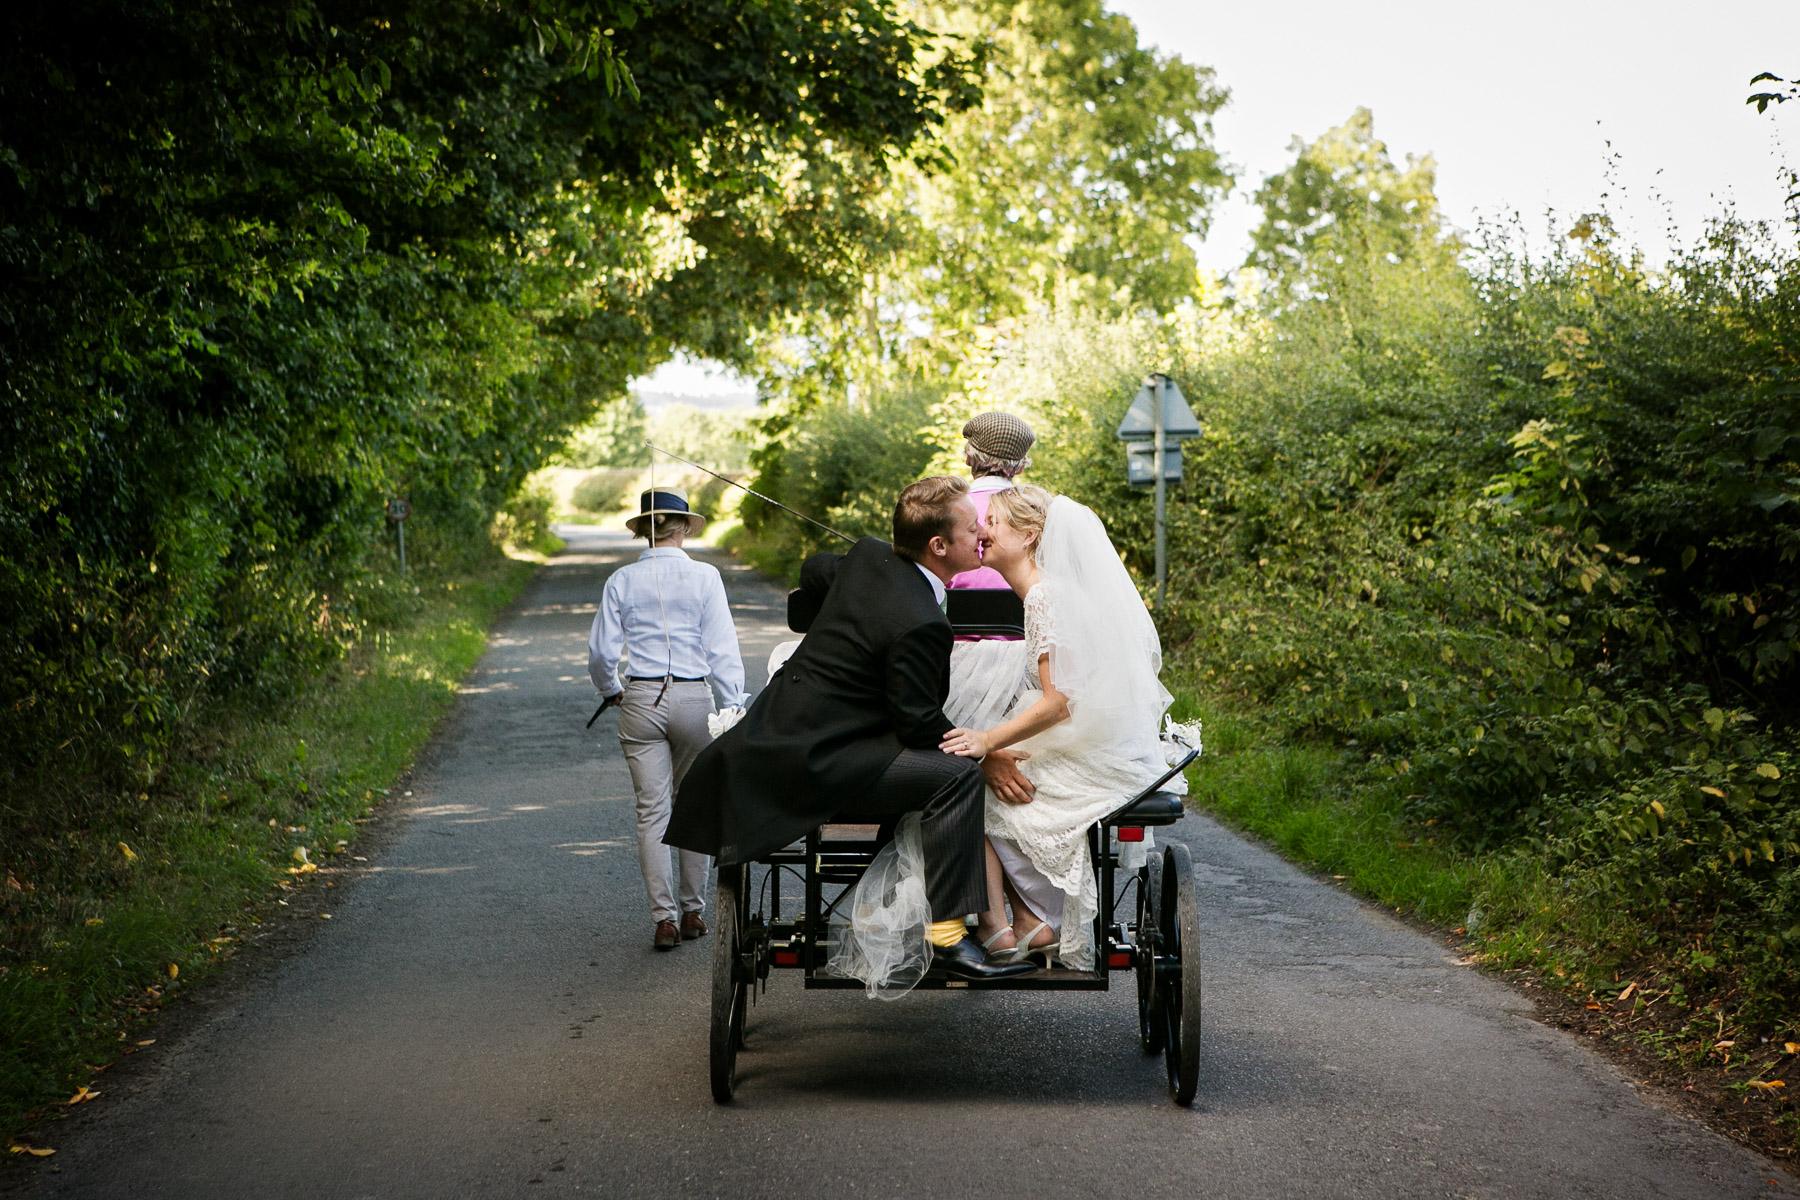 wedding portfolio 25-09-17  082.jpg